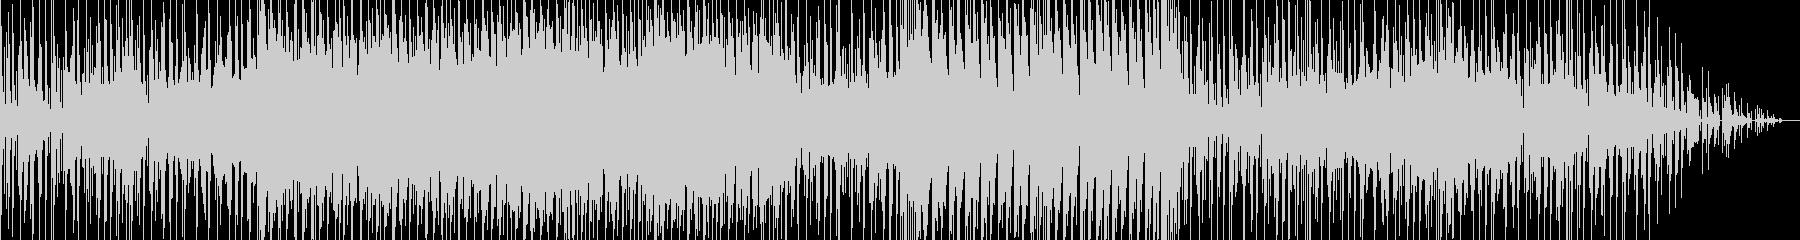 どことなくユーモラスなヒップホップ曲の未再生の波形